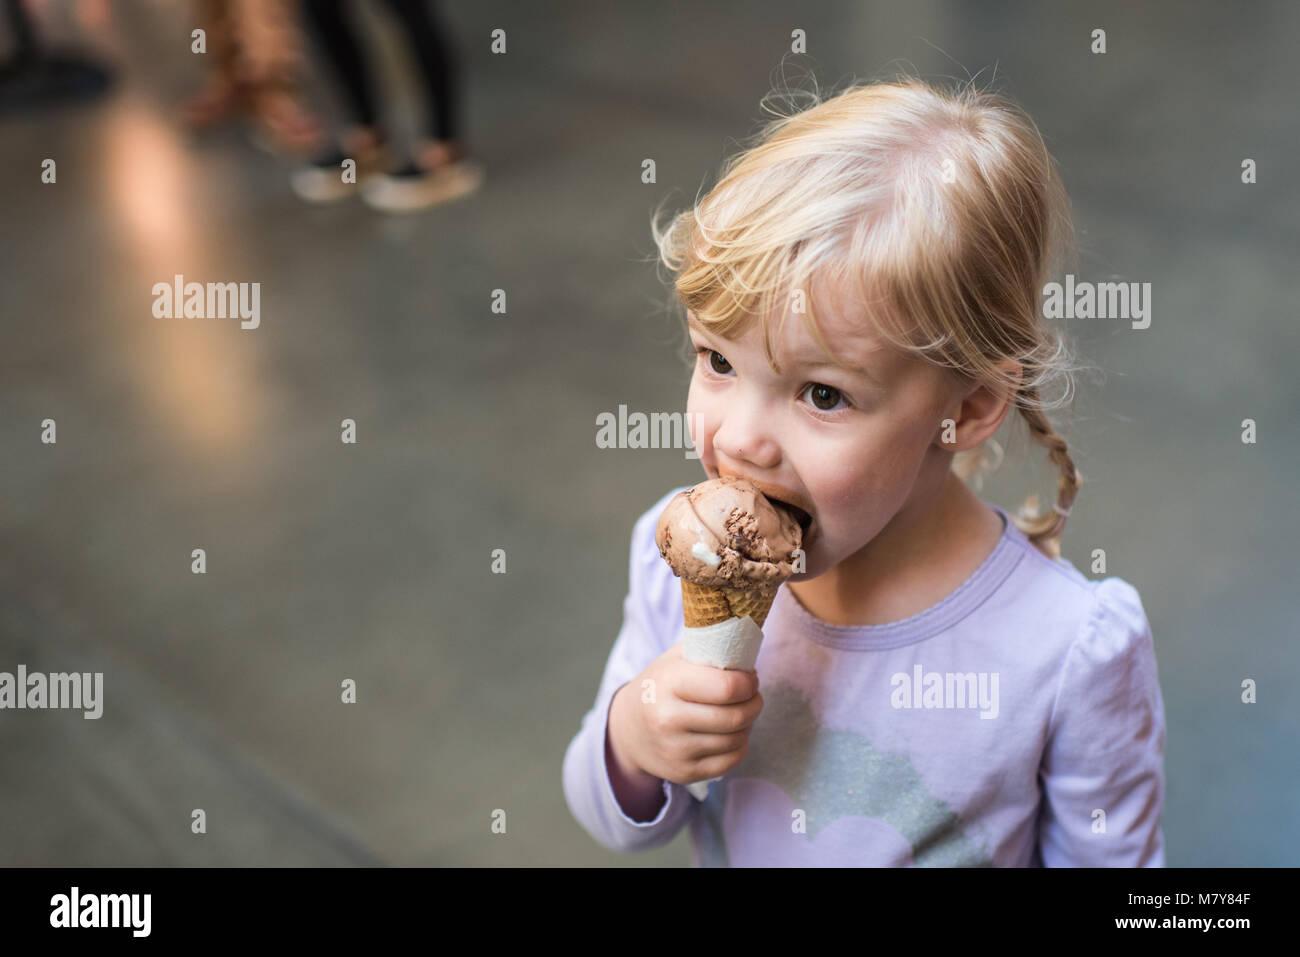 Bambino a mangiare il gelato in cono marketplace Immagini Stock